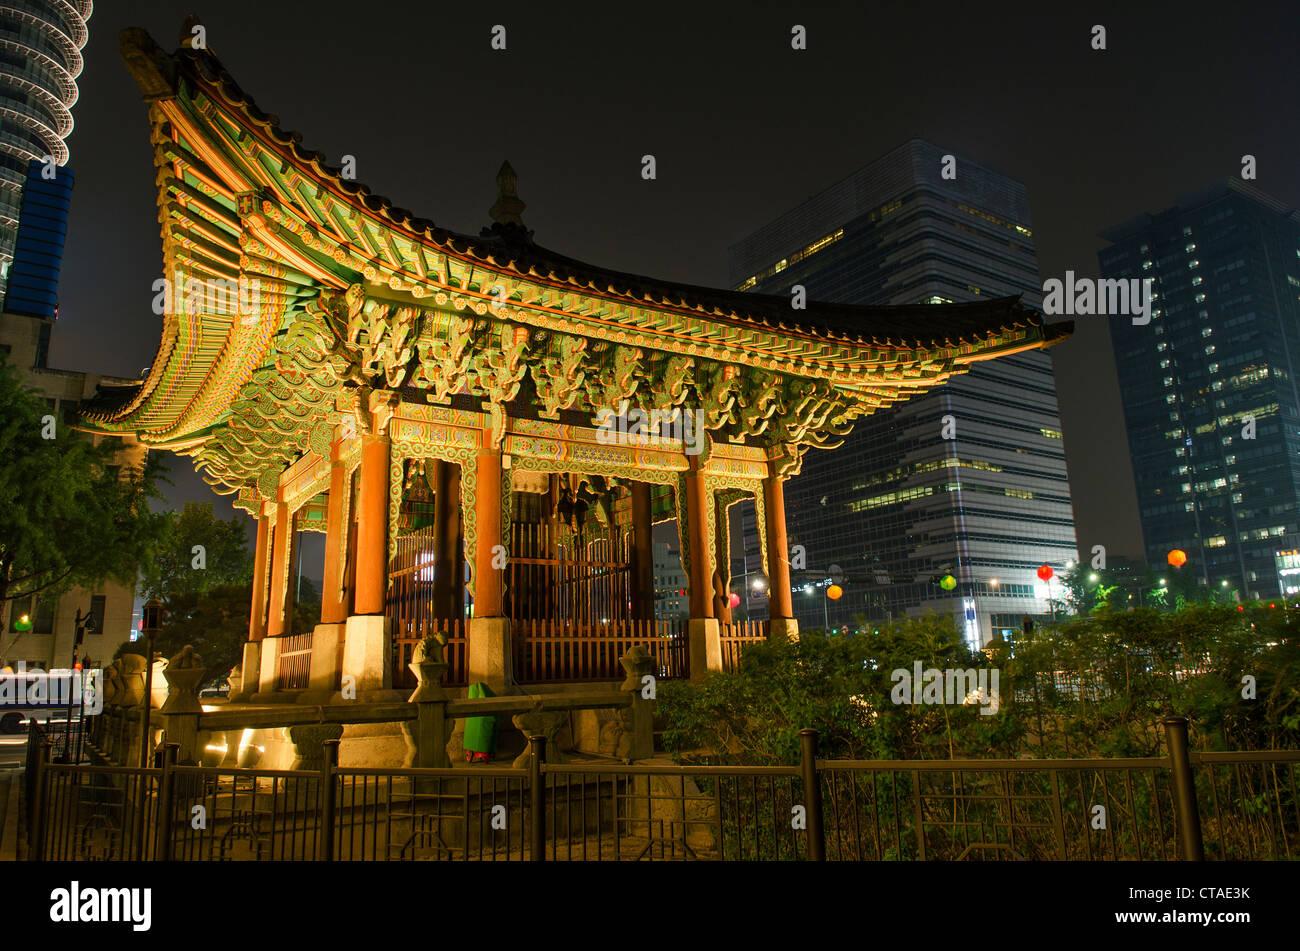 Templo en el centro de Seúl, Corea del Sur durante la noche Imagen De Stock